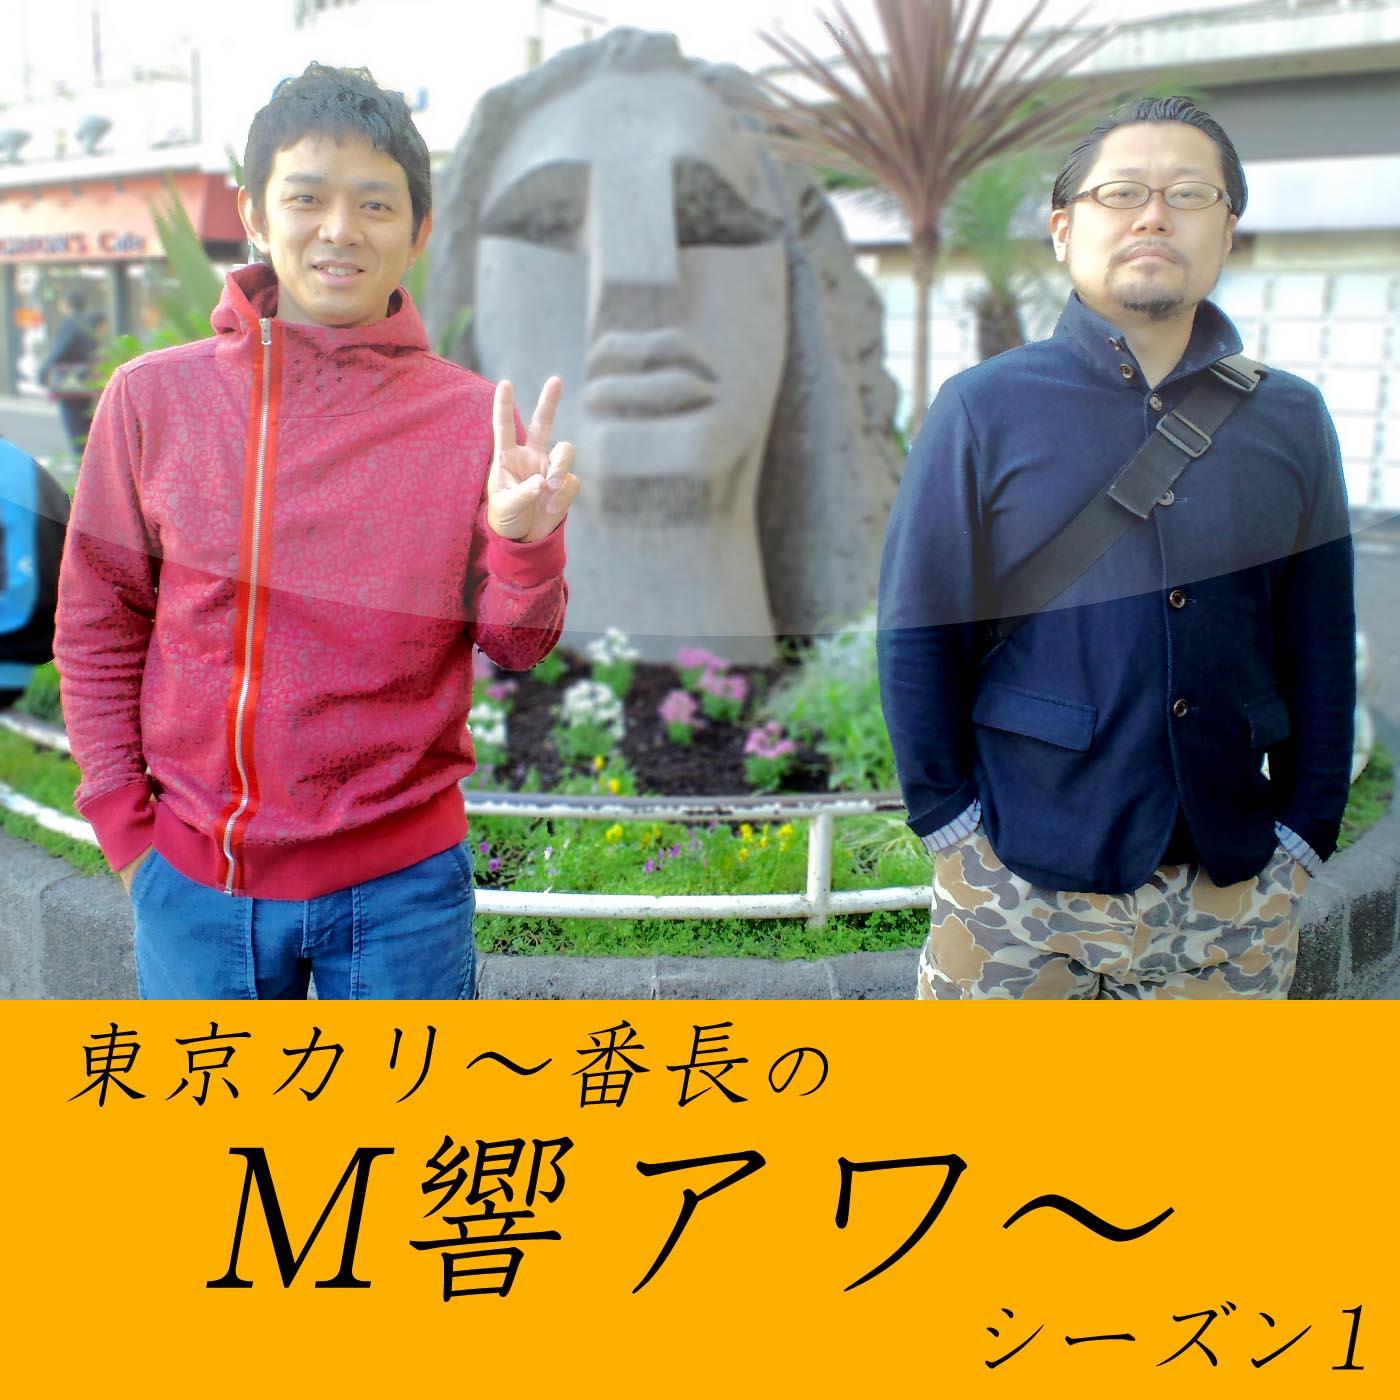 ラジオ番組「M響アワー」の第5番を更新しました!_c0033210_11481278.jpg